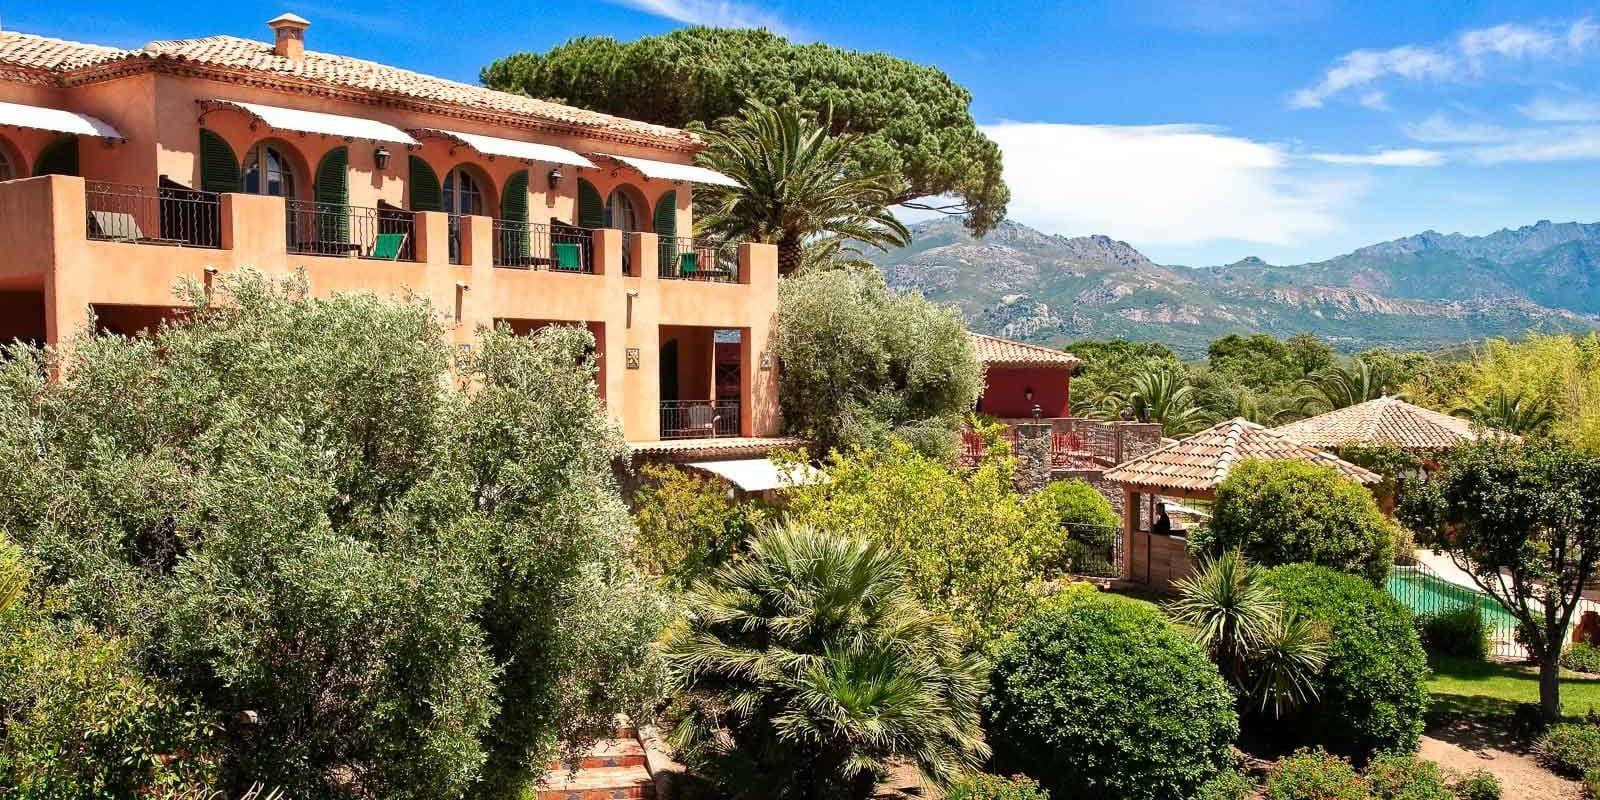 Hotel La Signoria Calvi Balagne Corsica Frankrijk palmen gebouw tuin park bergen